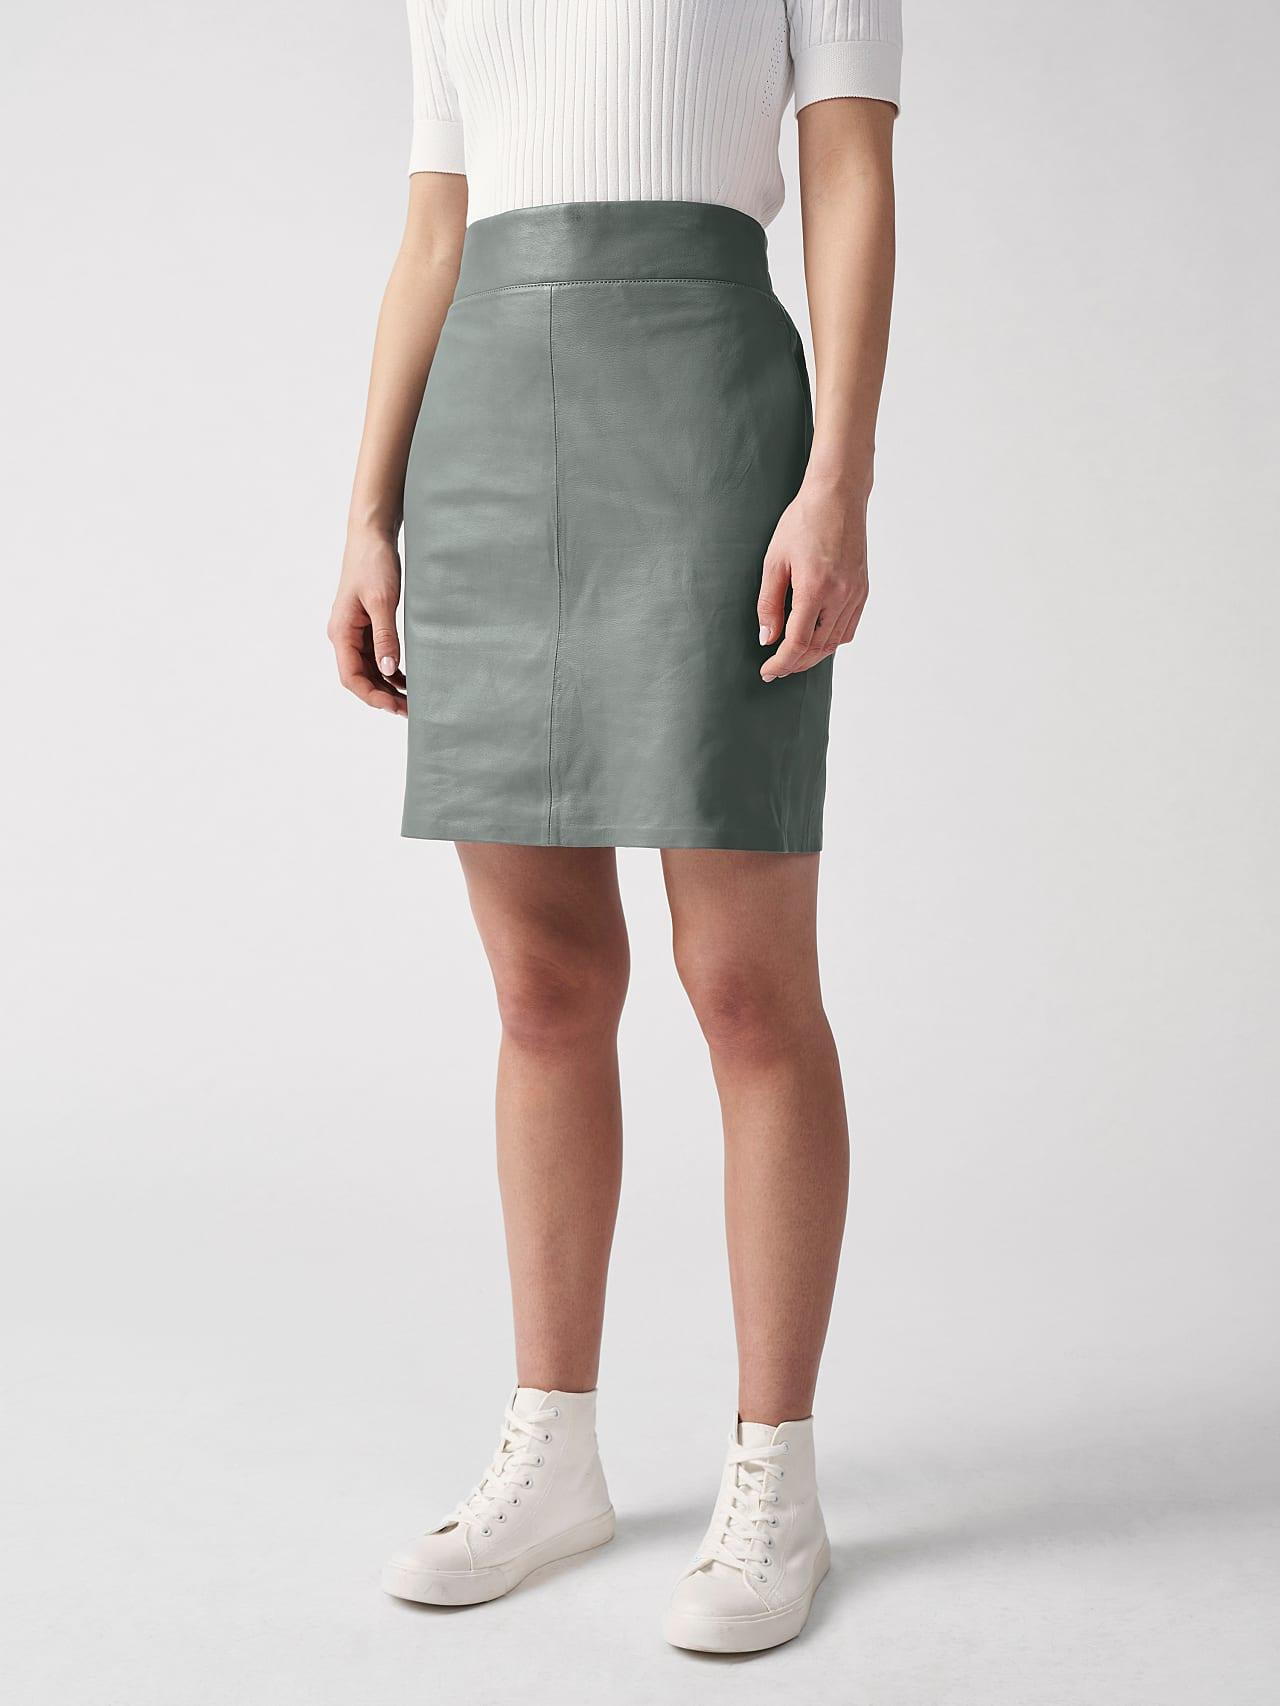 LEXSI V1.Y5.01 Leather Pencil Skirt Grey Model shot Alpha Tauri